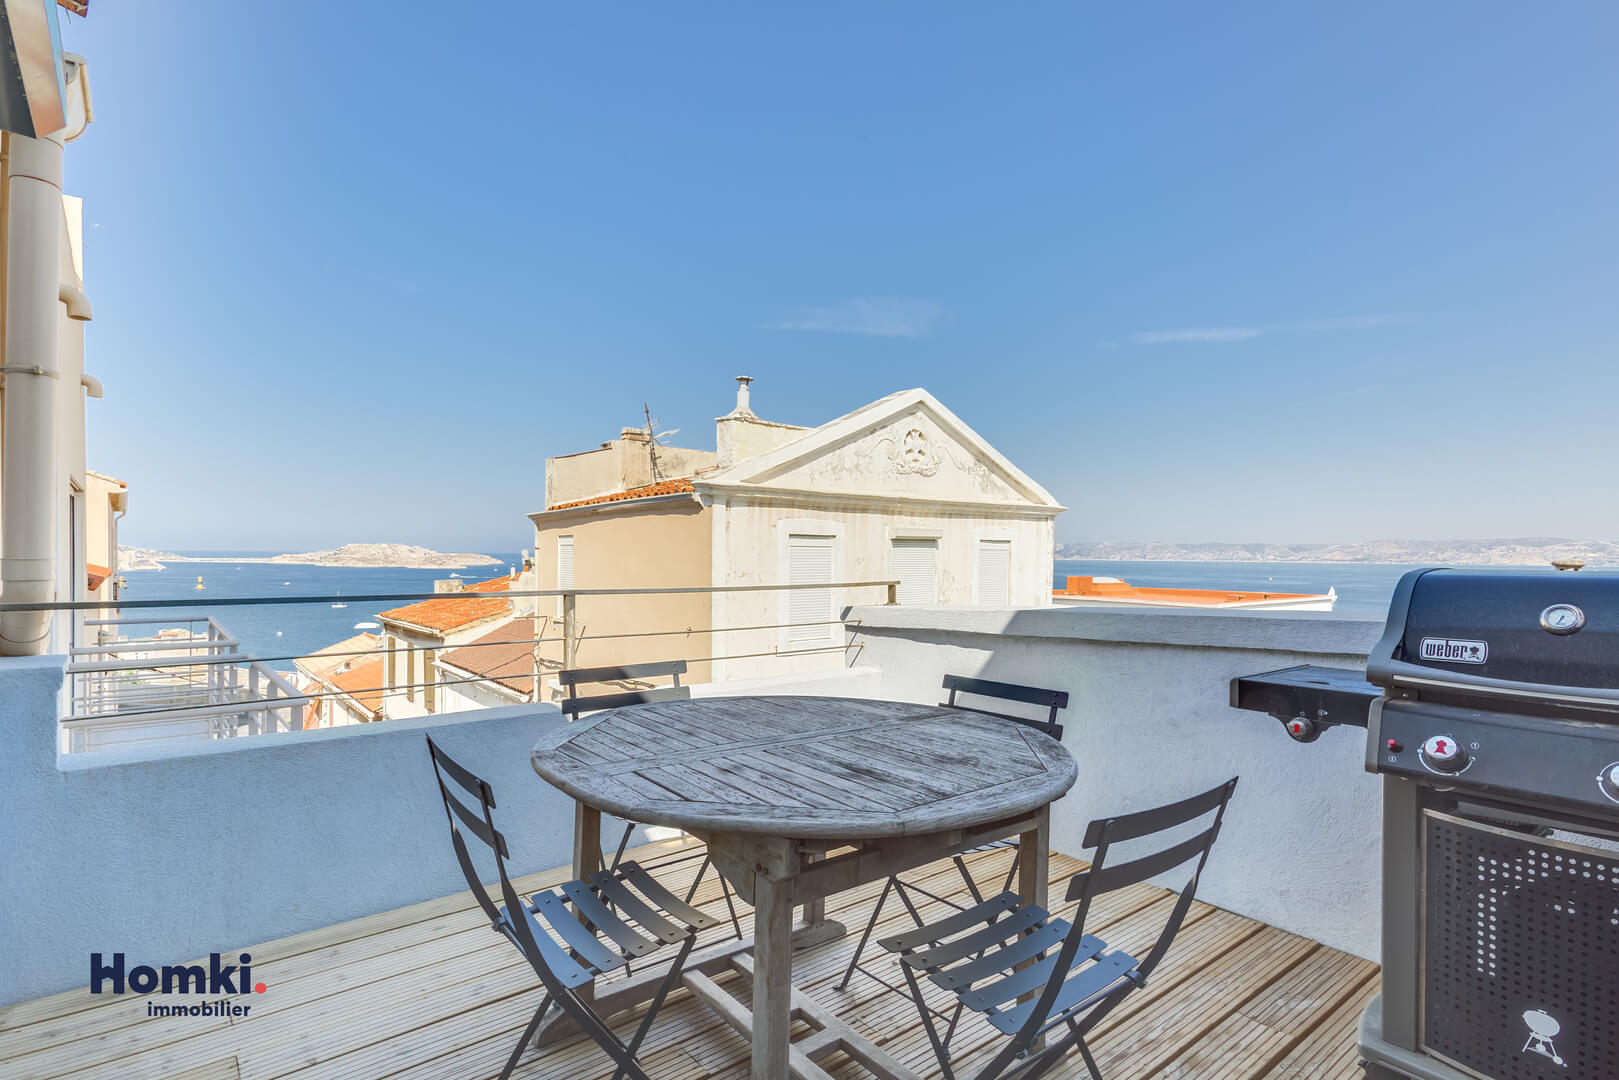 Vente maison 100 m² T4 13007_2